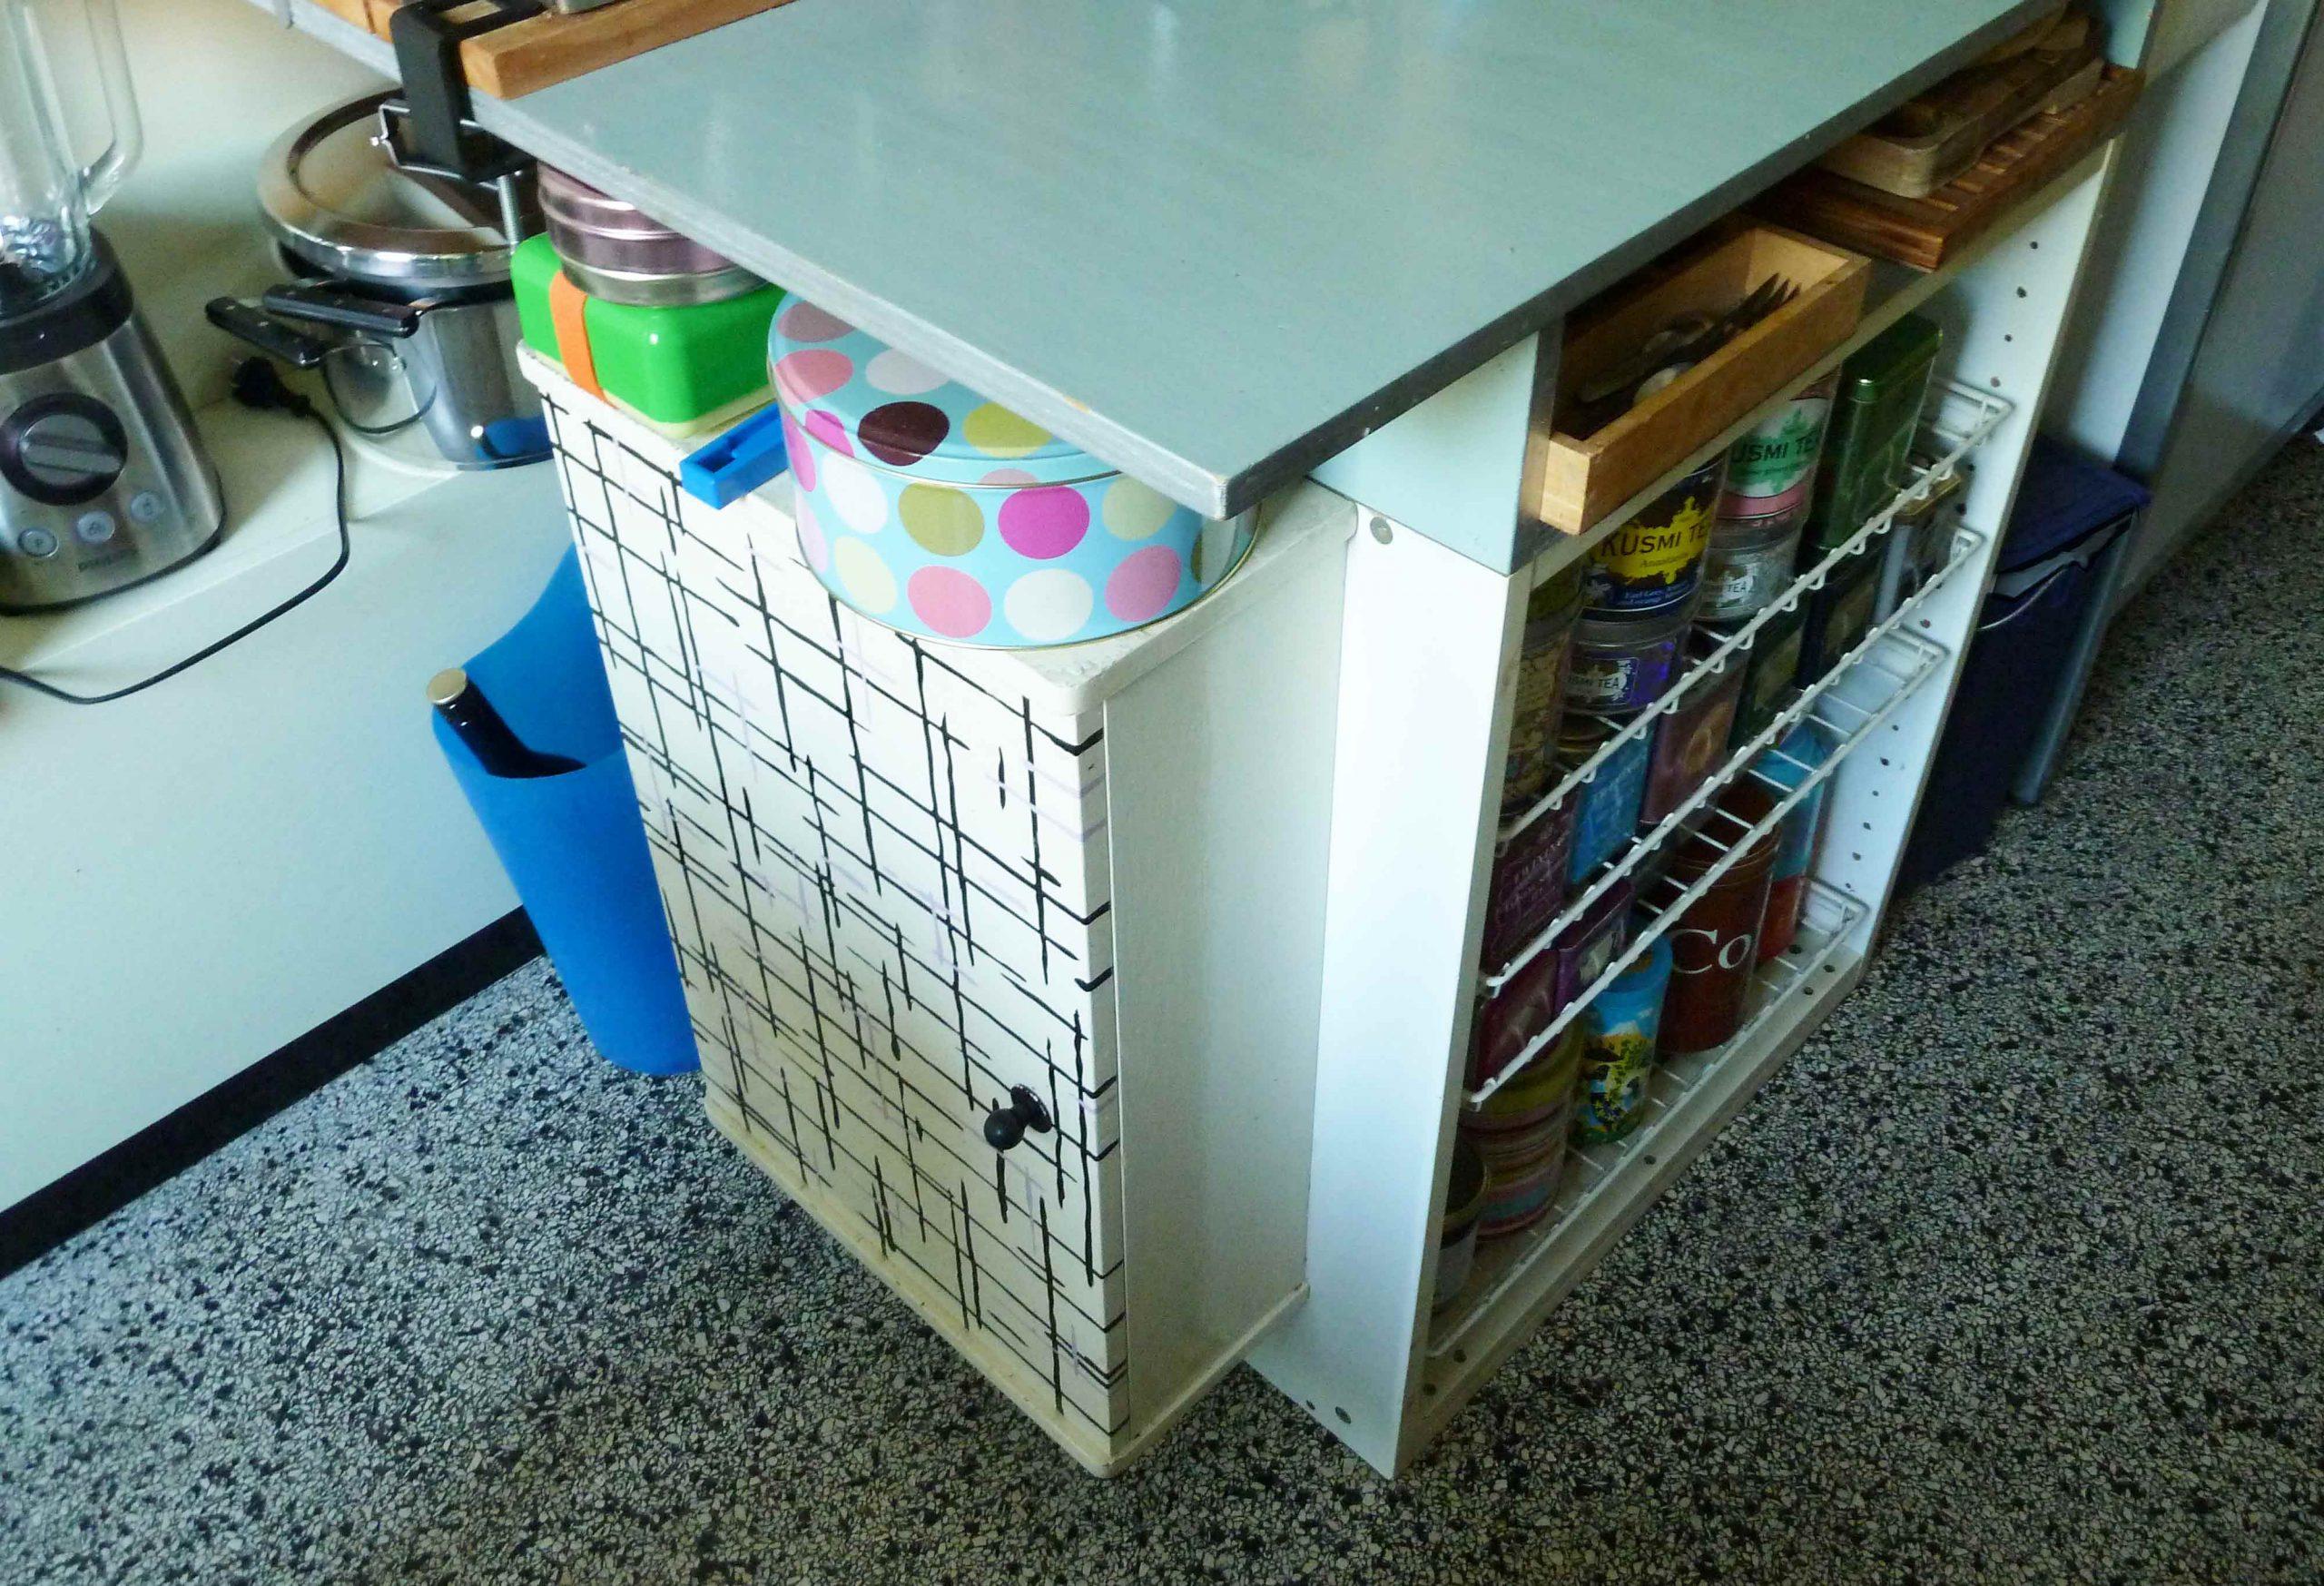 Ecke einer Küchenarbeitsplatte mit Schränken